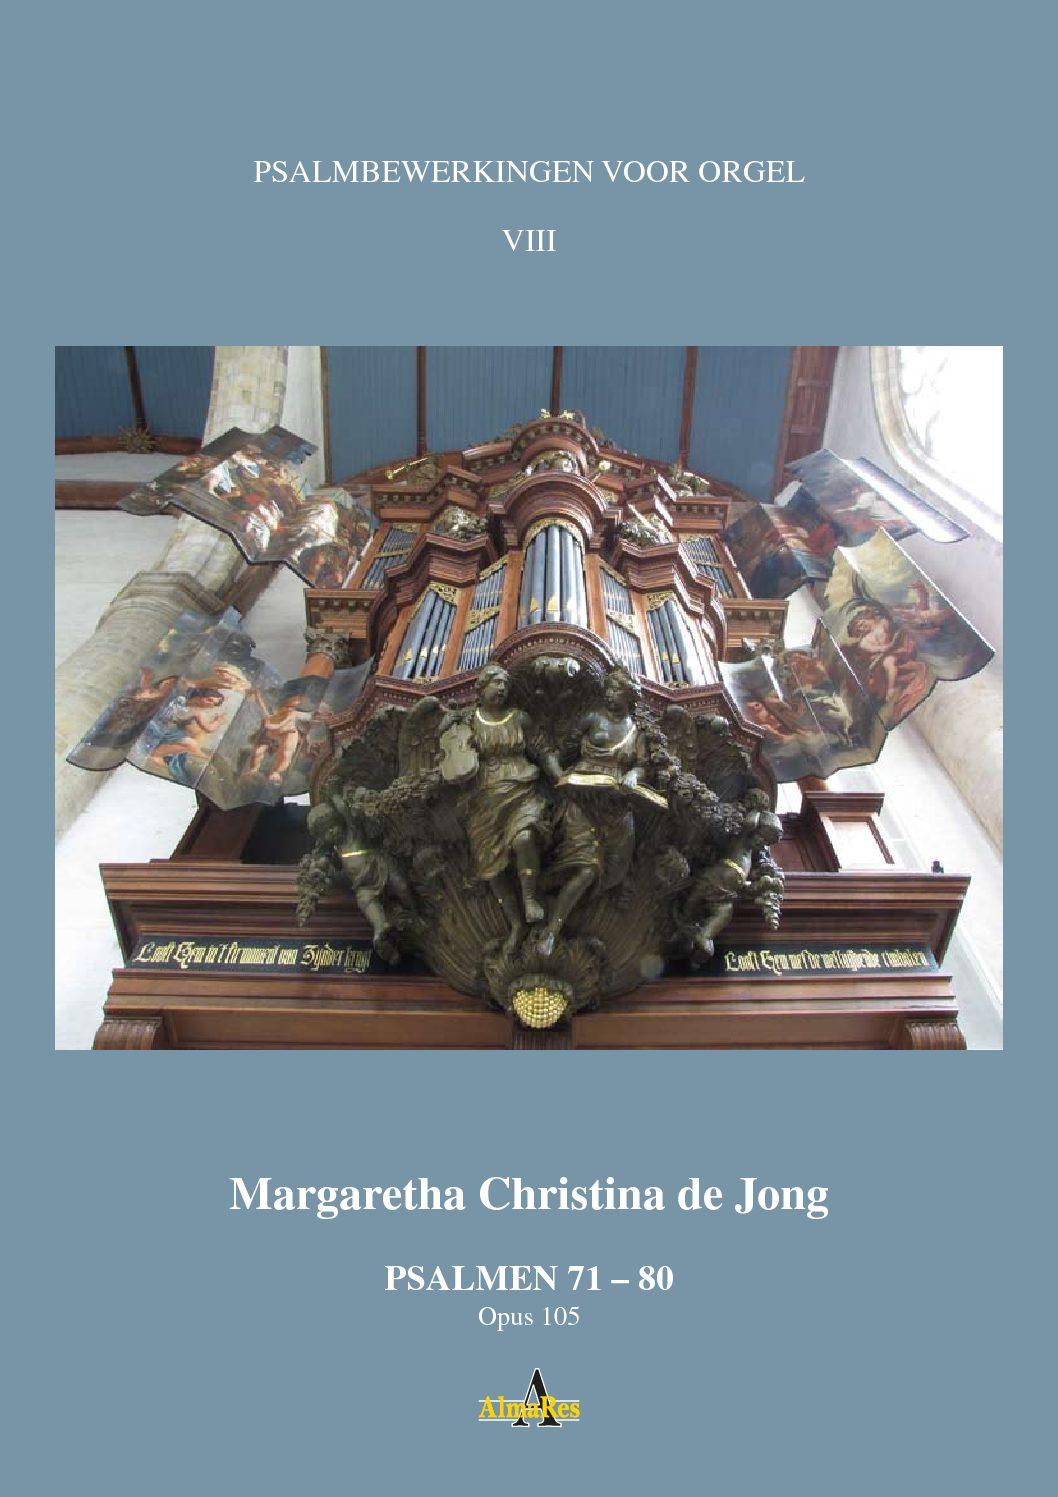 Psalmbewerkingen voor Orgel VIII